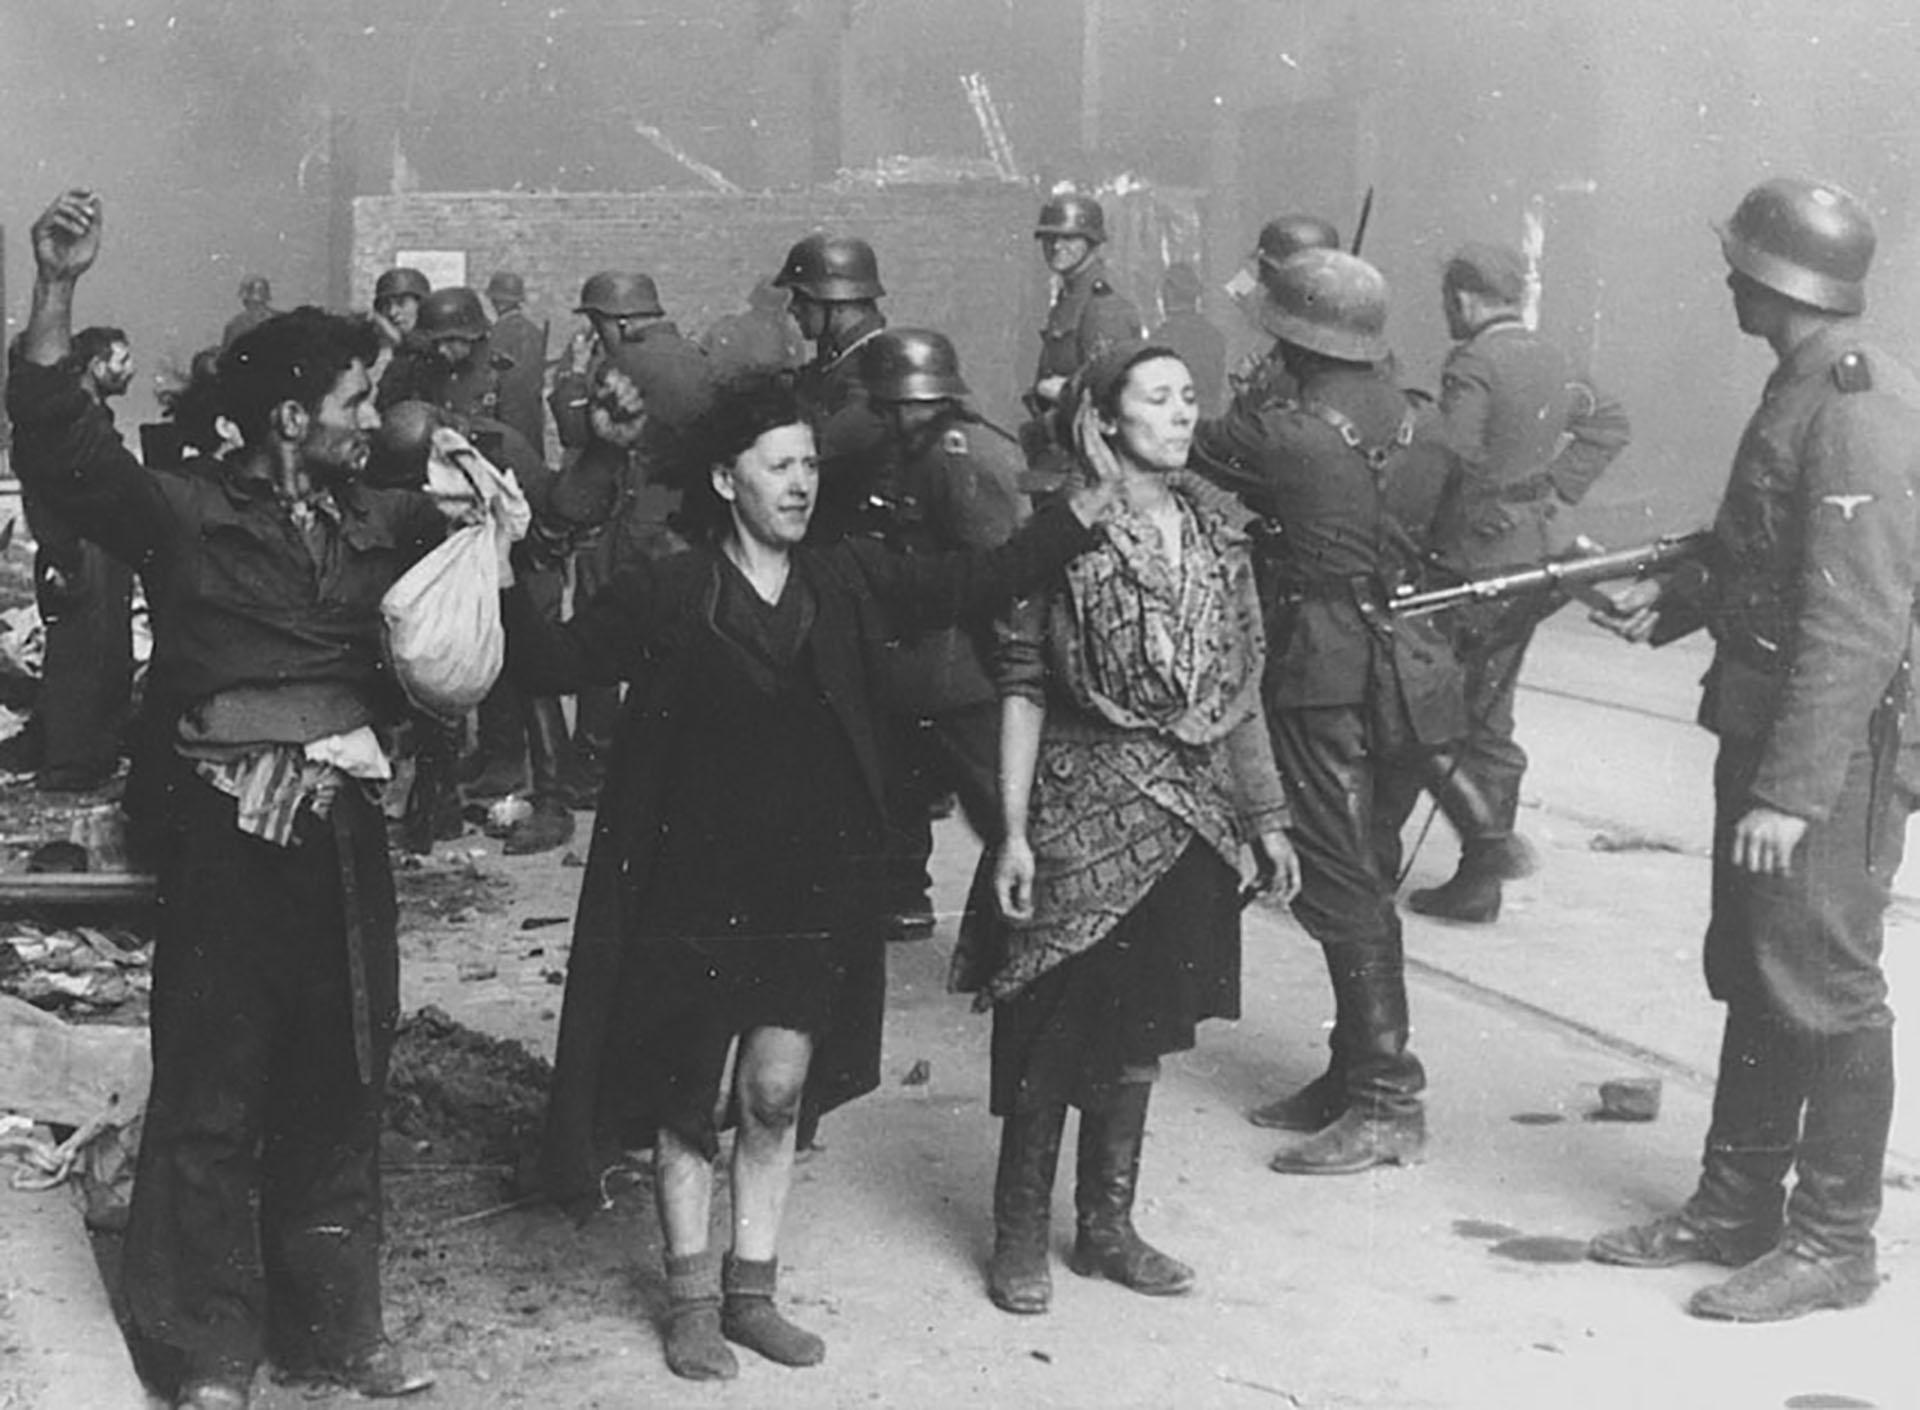 El gueto fue concebido como campo de tránsito de las deportaciones para los campos de concentración. Formaba formaba parte del exterminio en masa organizado por los nazis